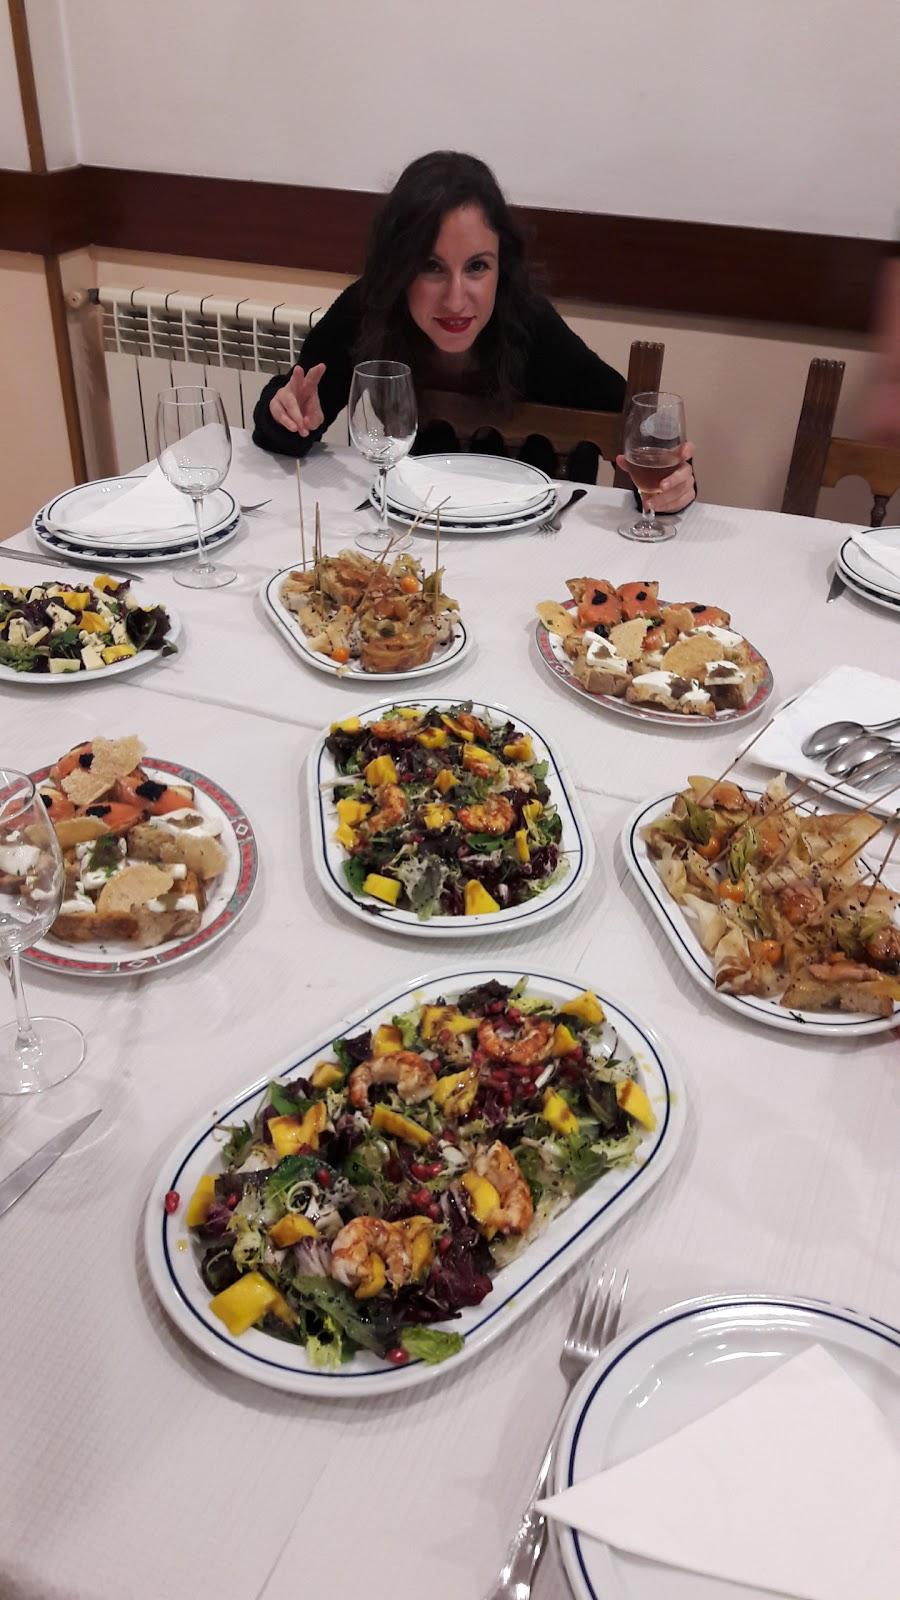 Cafetería-Restaurante Cardama